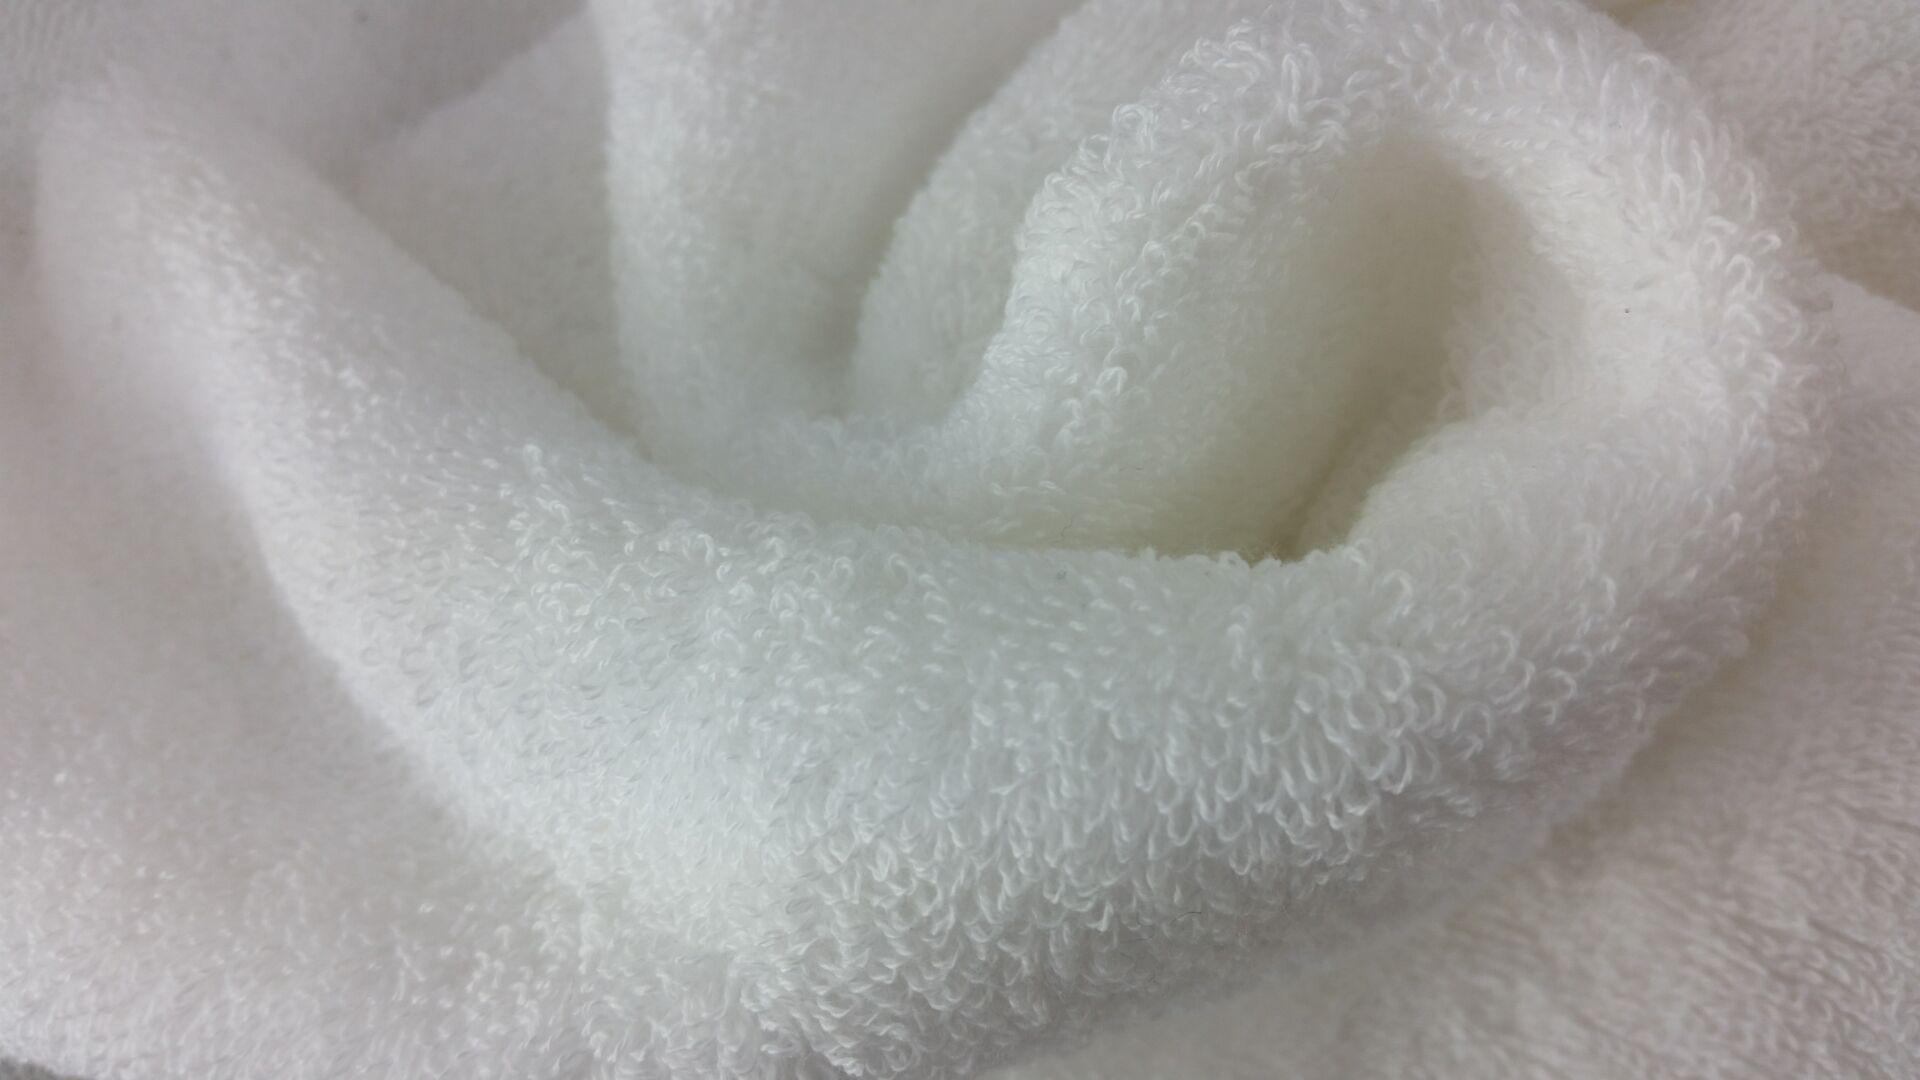 Quảng Đông khăn vải một mặt hai mặt bông dệt vải bông cắt nhung khăn sợi tre khăn vải